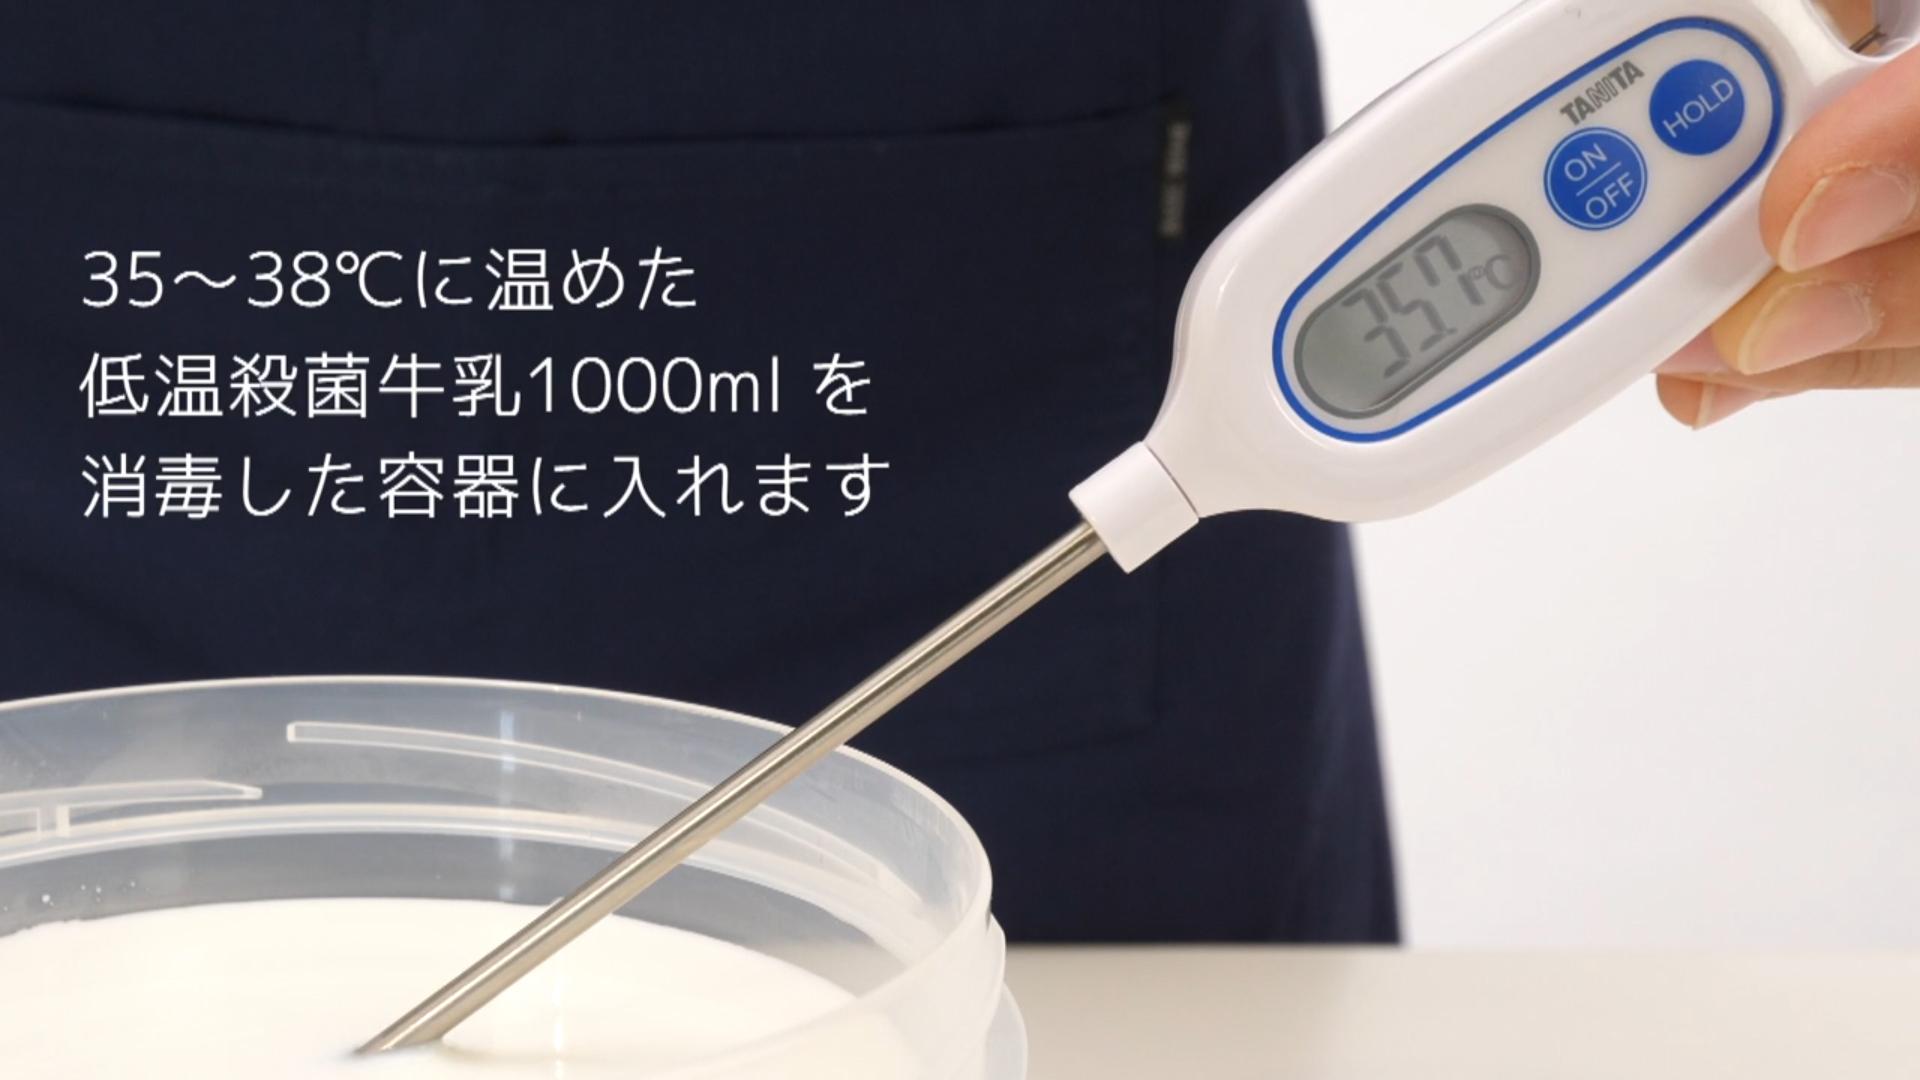 分量の牛乳と生クリームを混ぜて、電子レンジか鍋で温めます。温度計を使って35℃~38℃にします。※温めすぎた場合は、冷ましてから次の工程に進んでください。